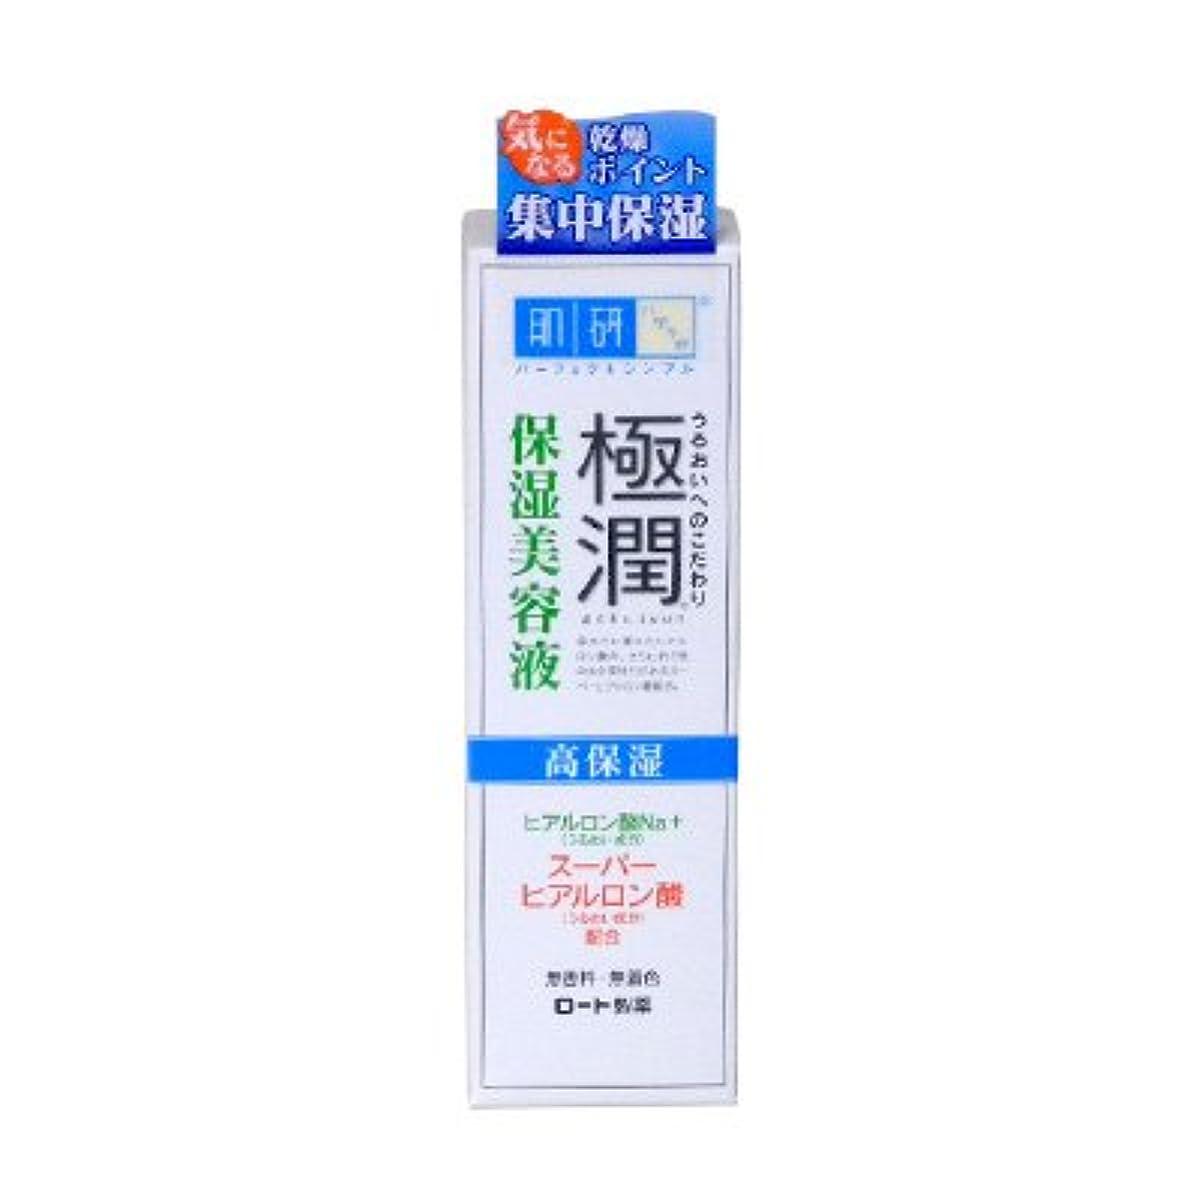 アジテーション制限するマトロンロート製薬 ハダラボ 極潤 保湿美容液 30g